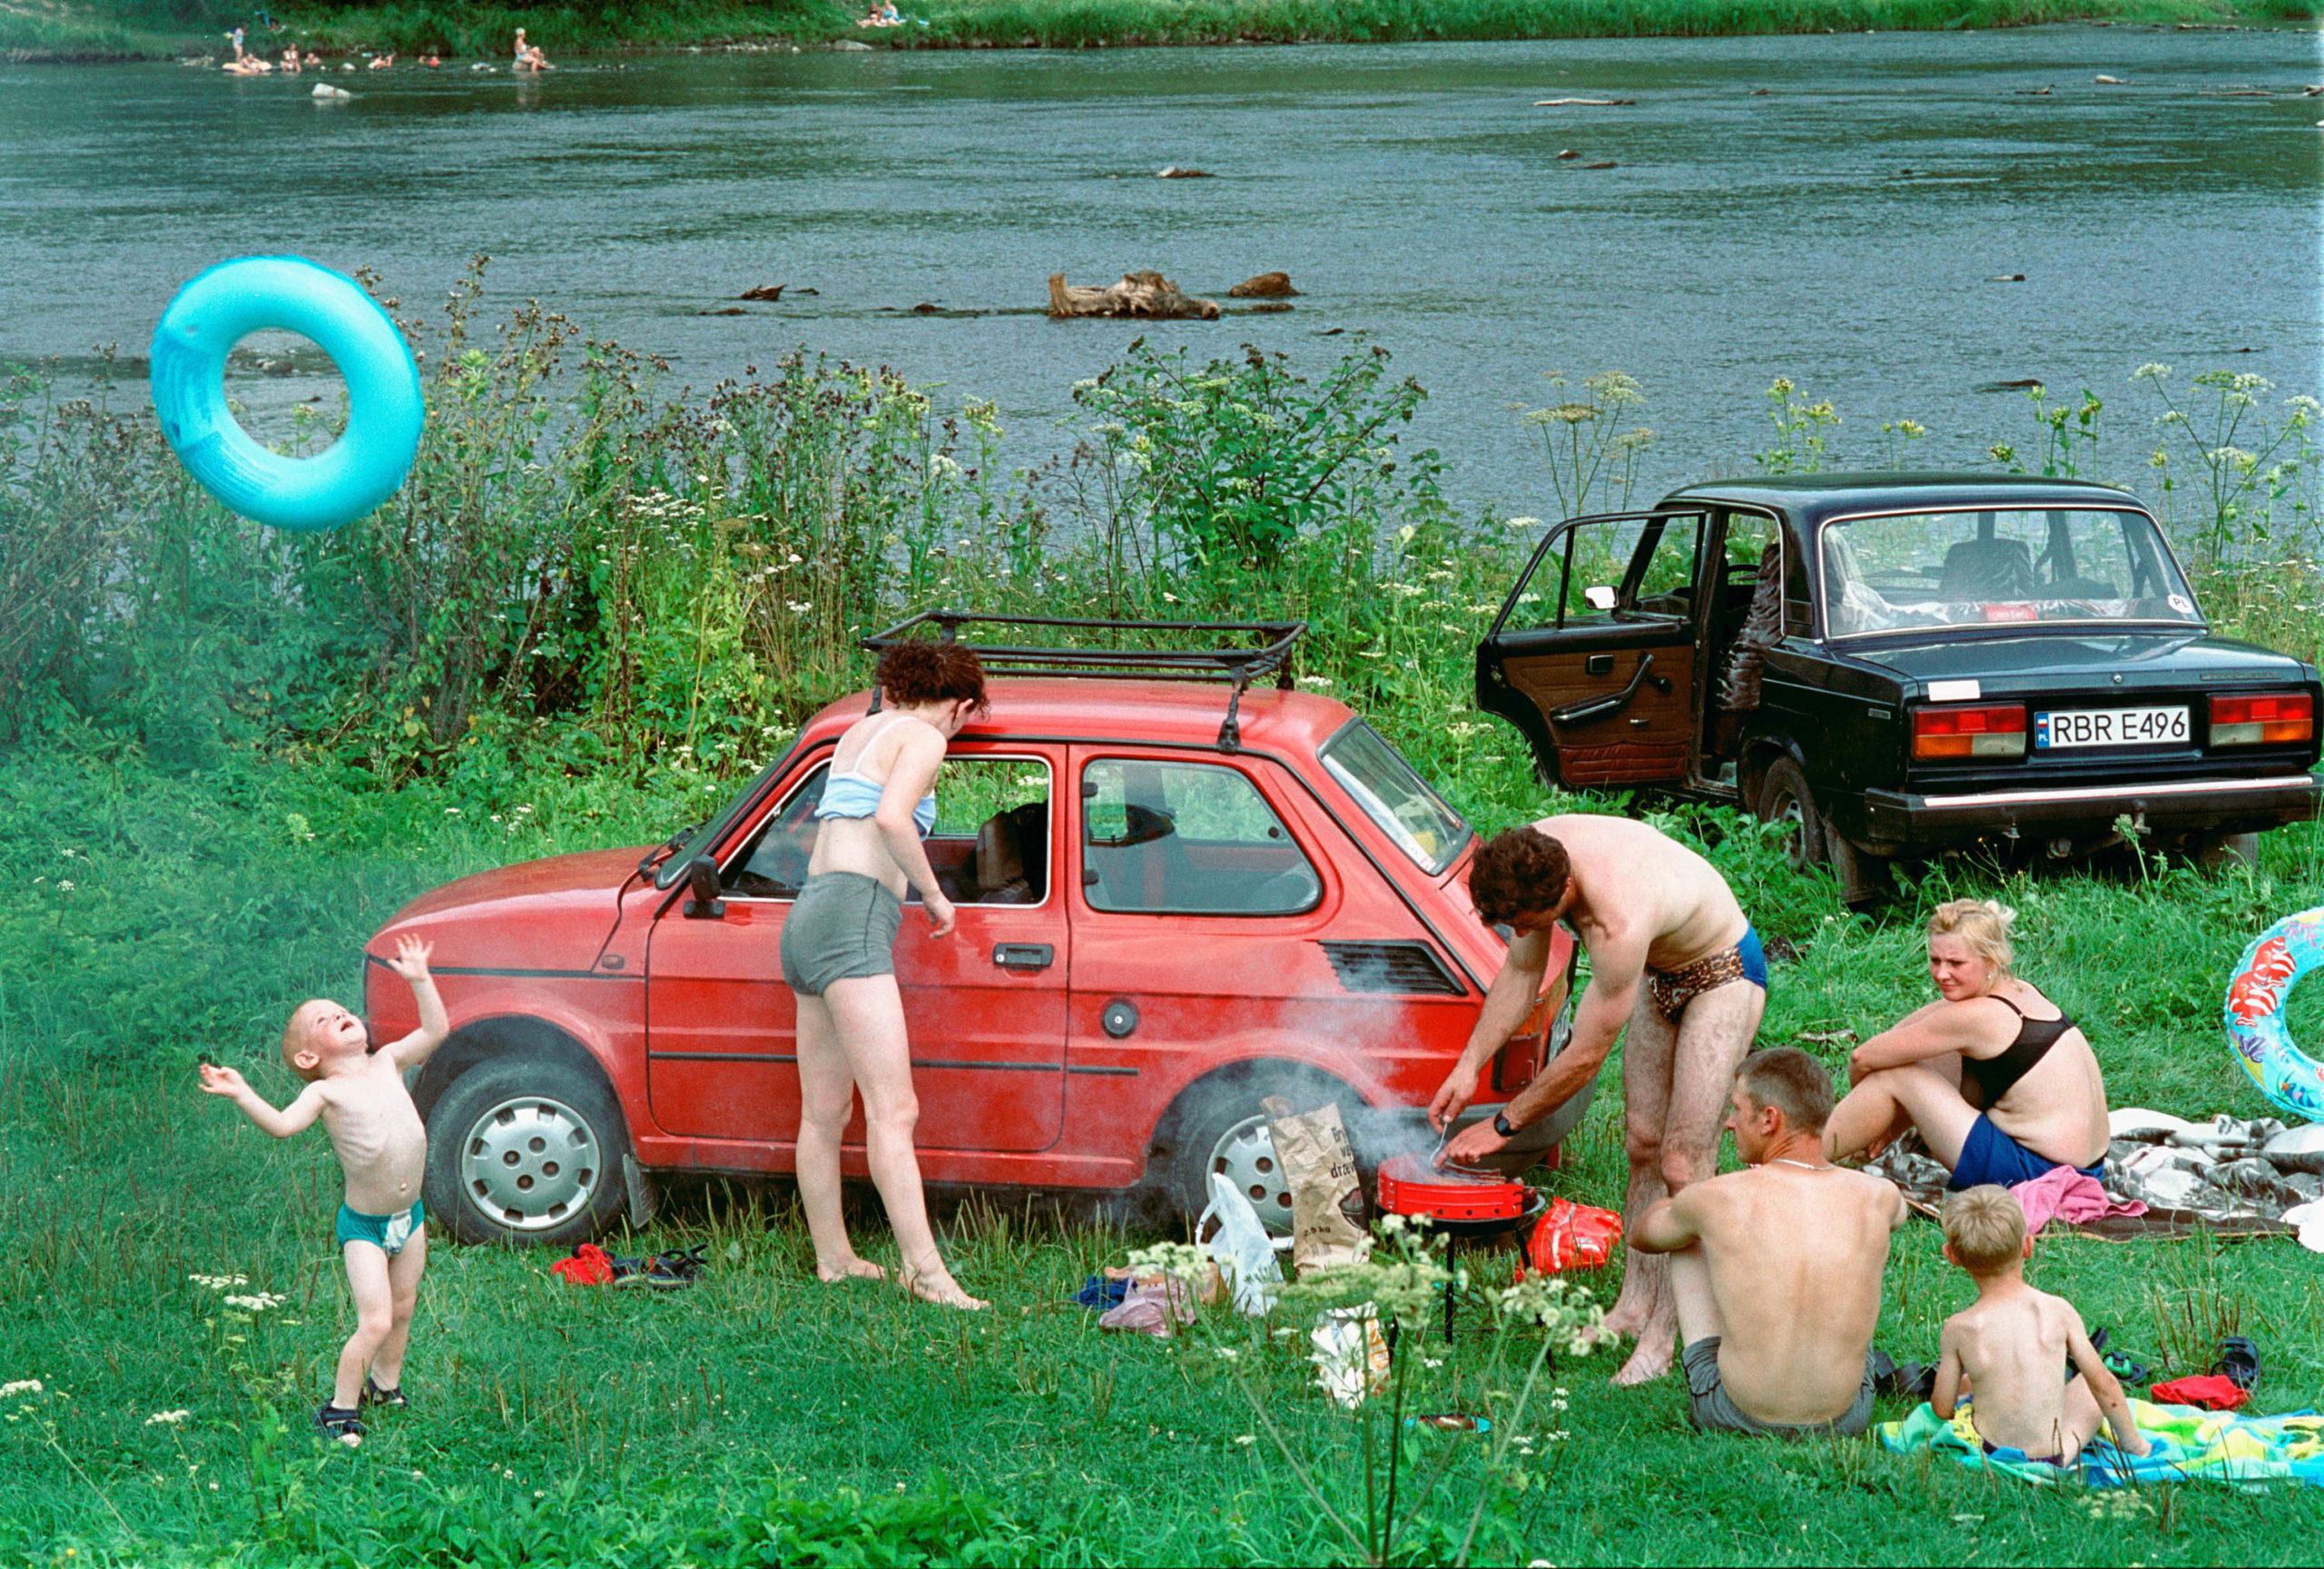 Polski Fiat, Lada. Lesko, Poland, 2002